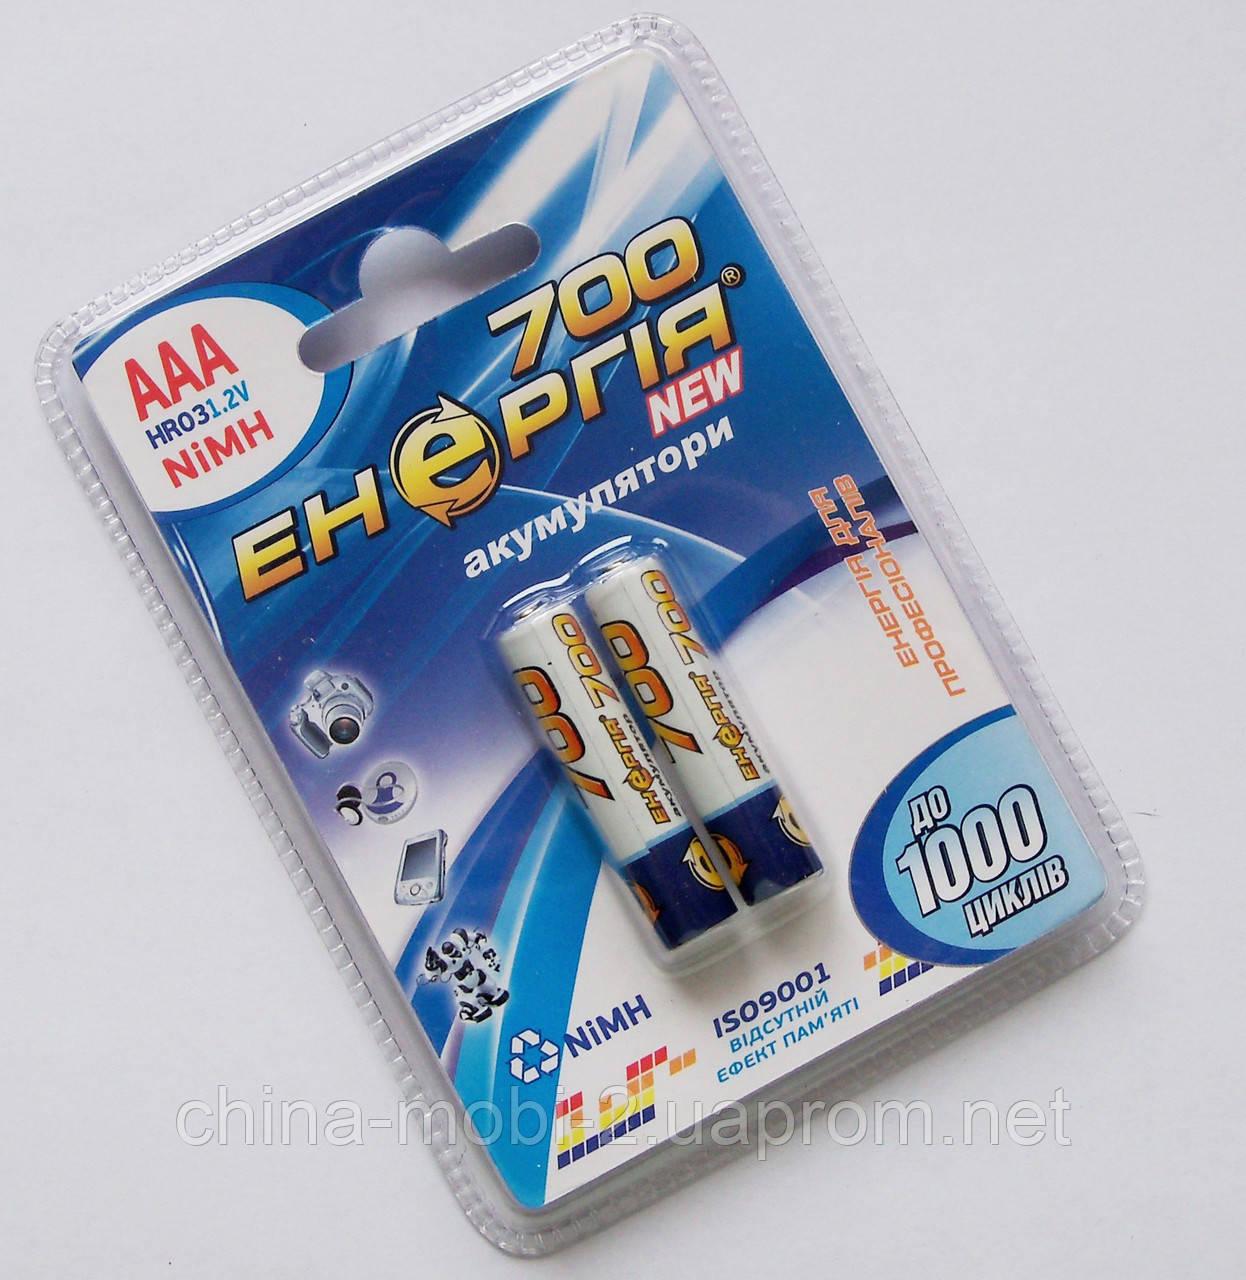 Аккумулятор AAA Энергия NiMH 700mAh